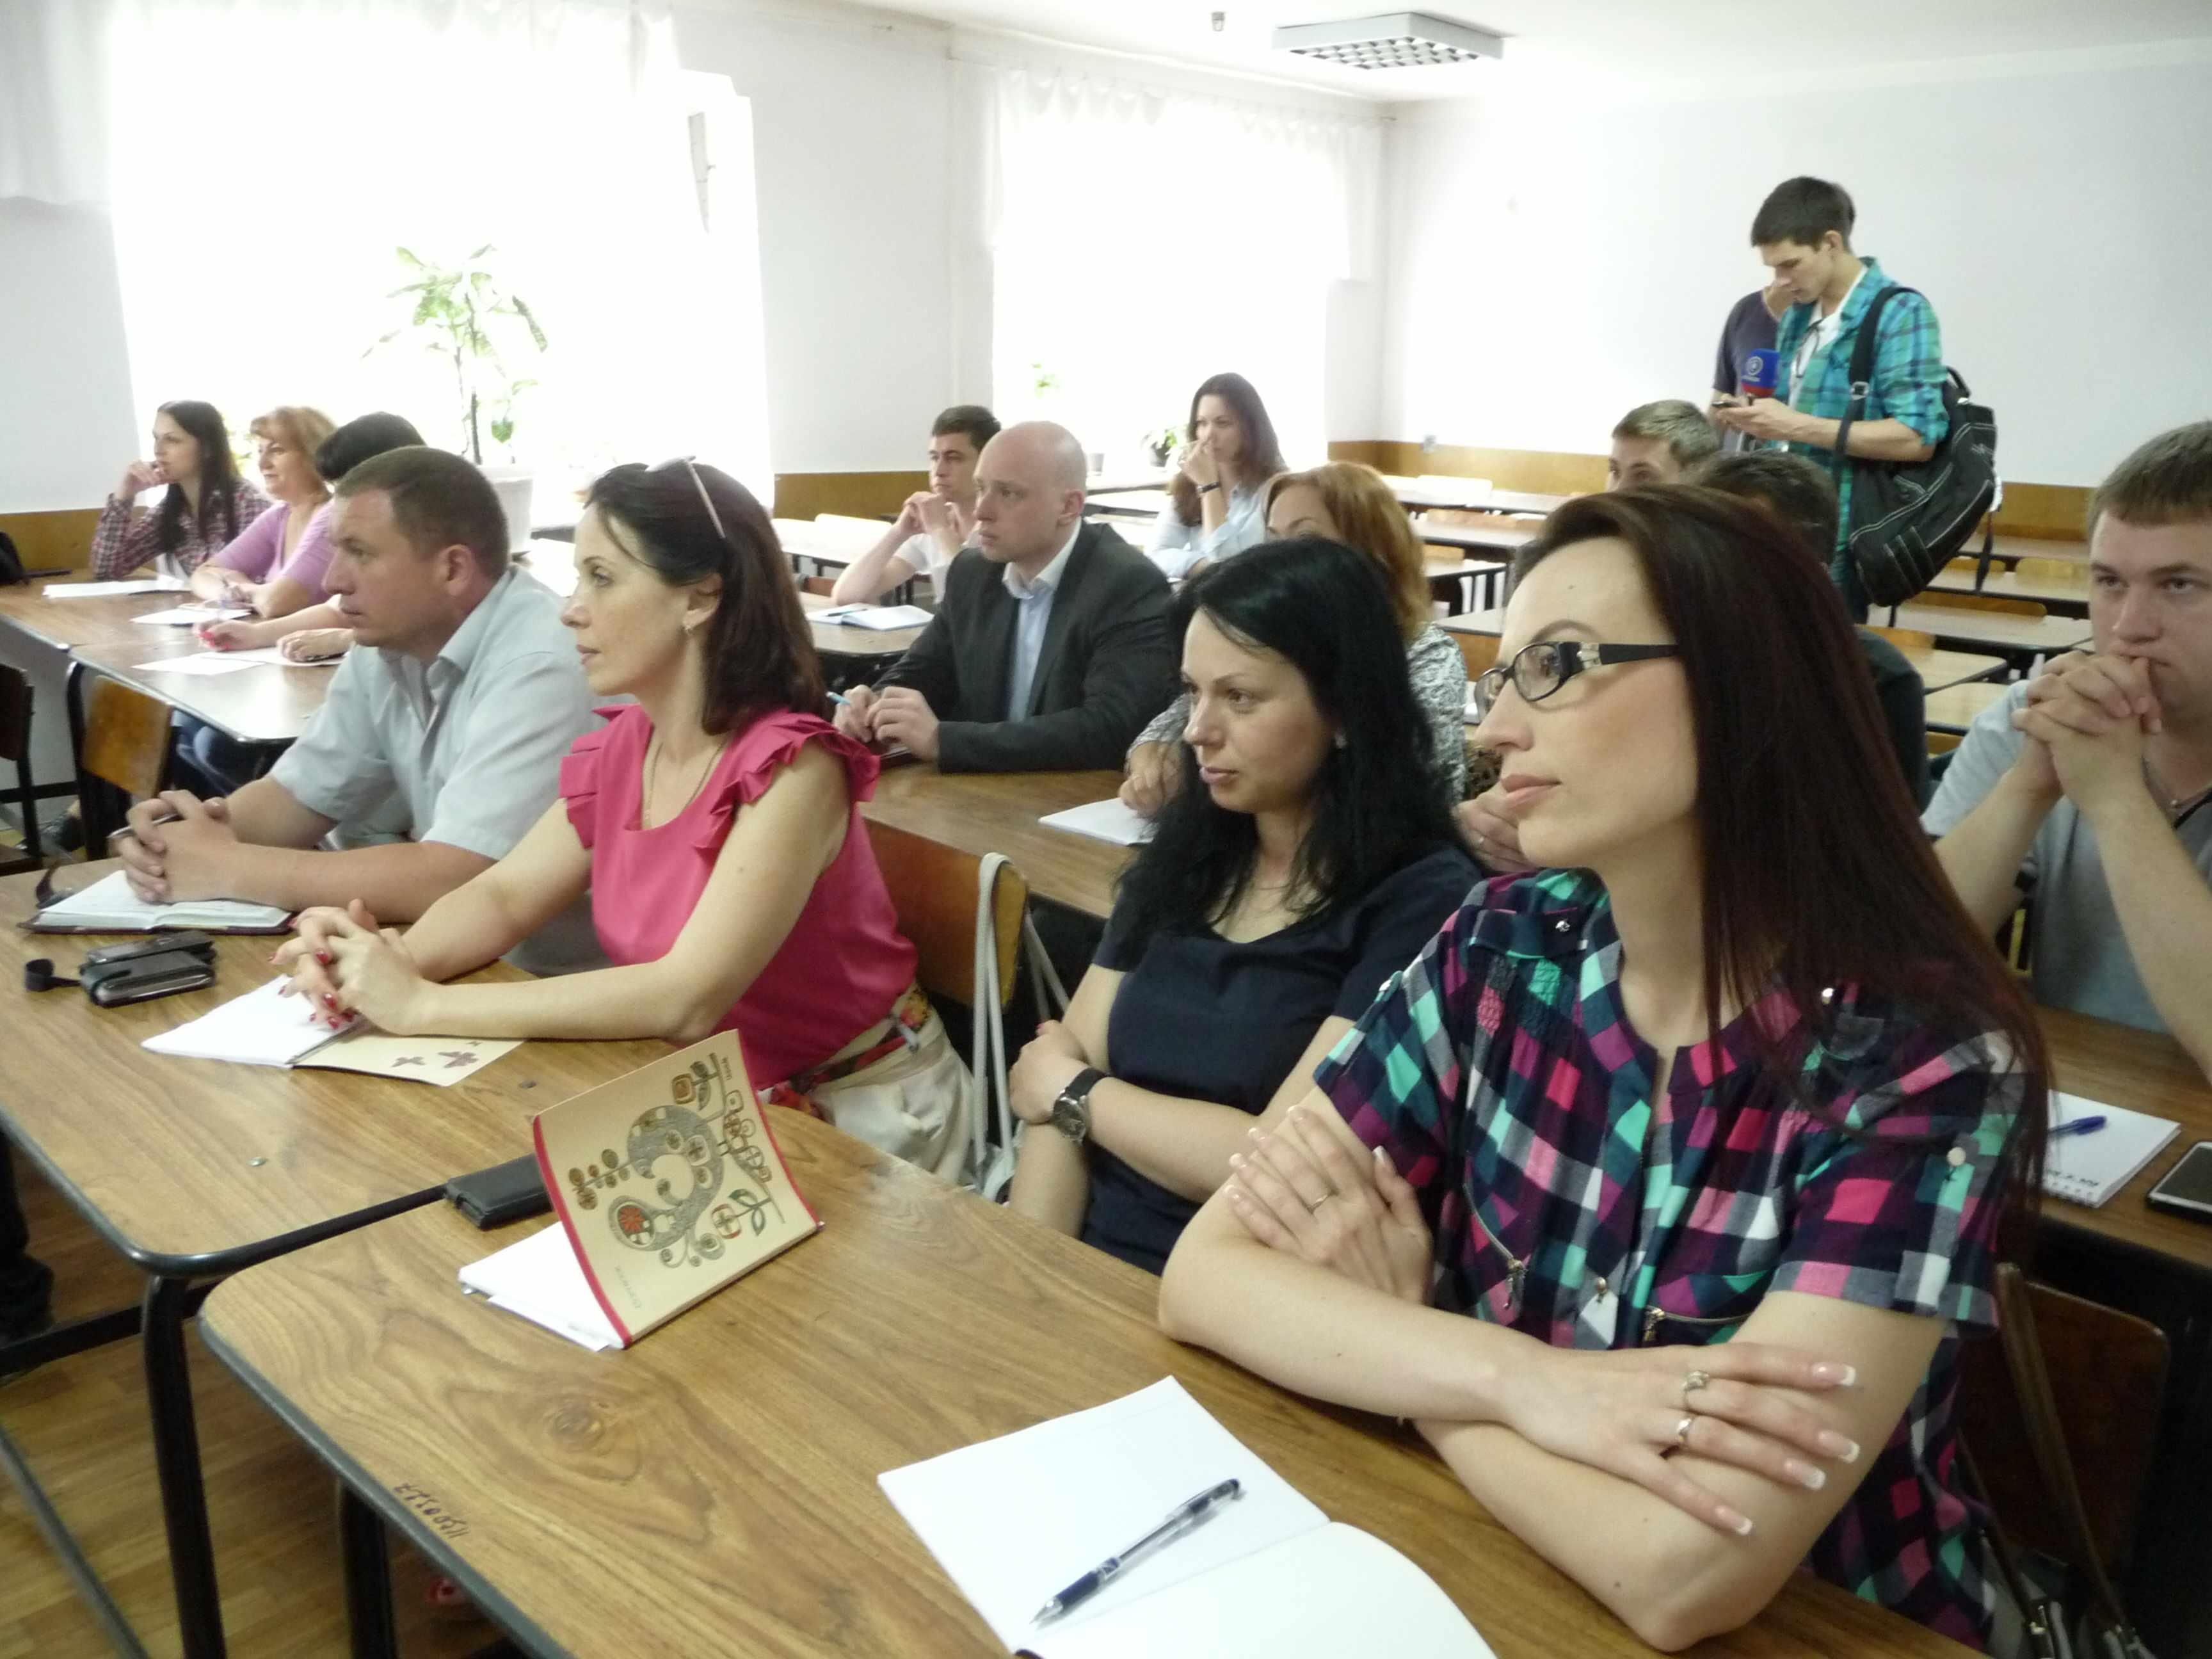 Обучение включает прохождение лекций и семинаров